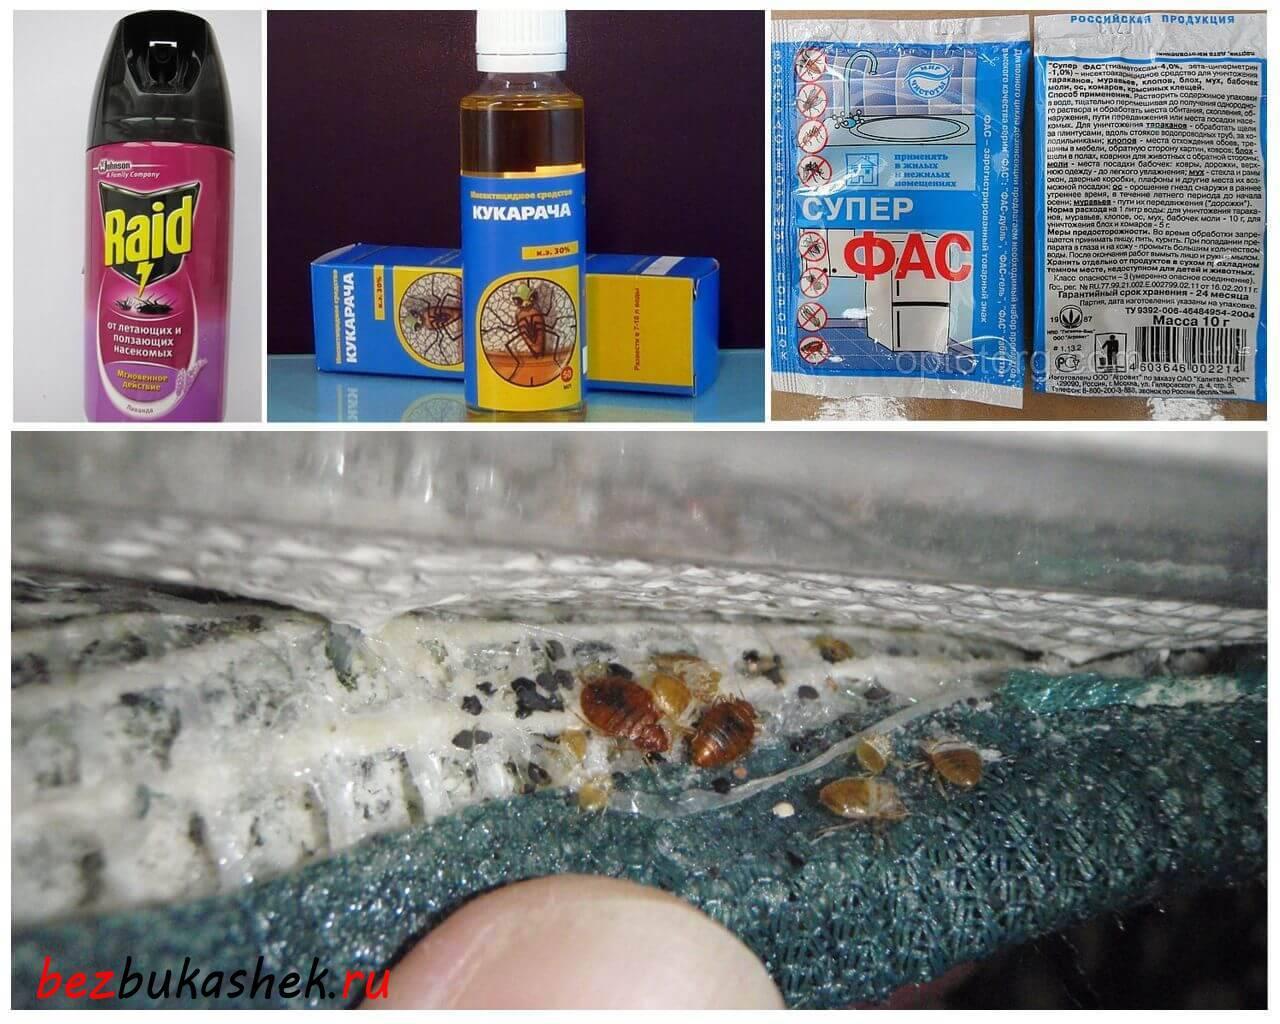 Средство от клопов без запаха – эффективный препарат с учетом пожеланий покупателей